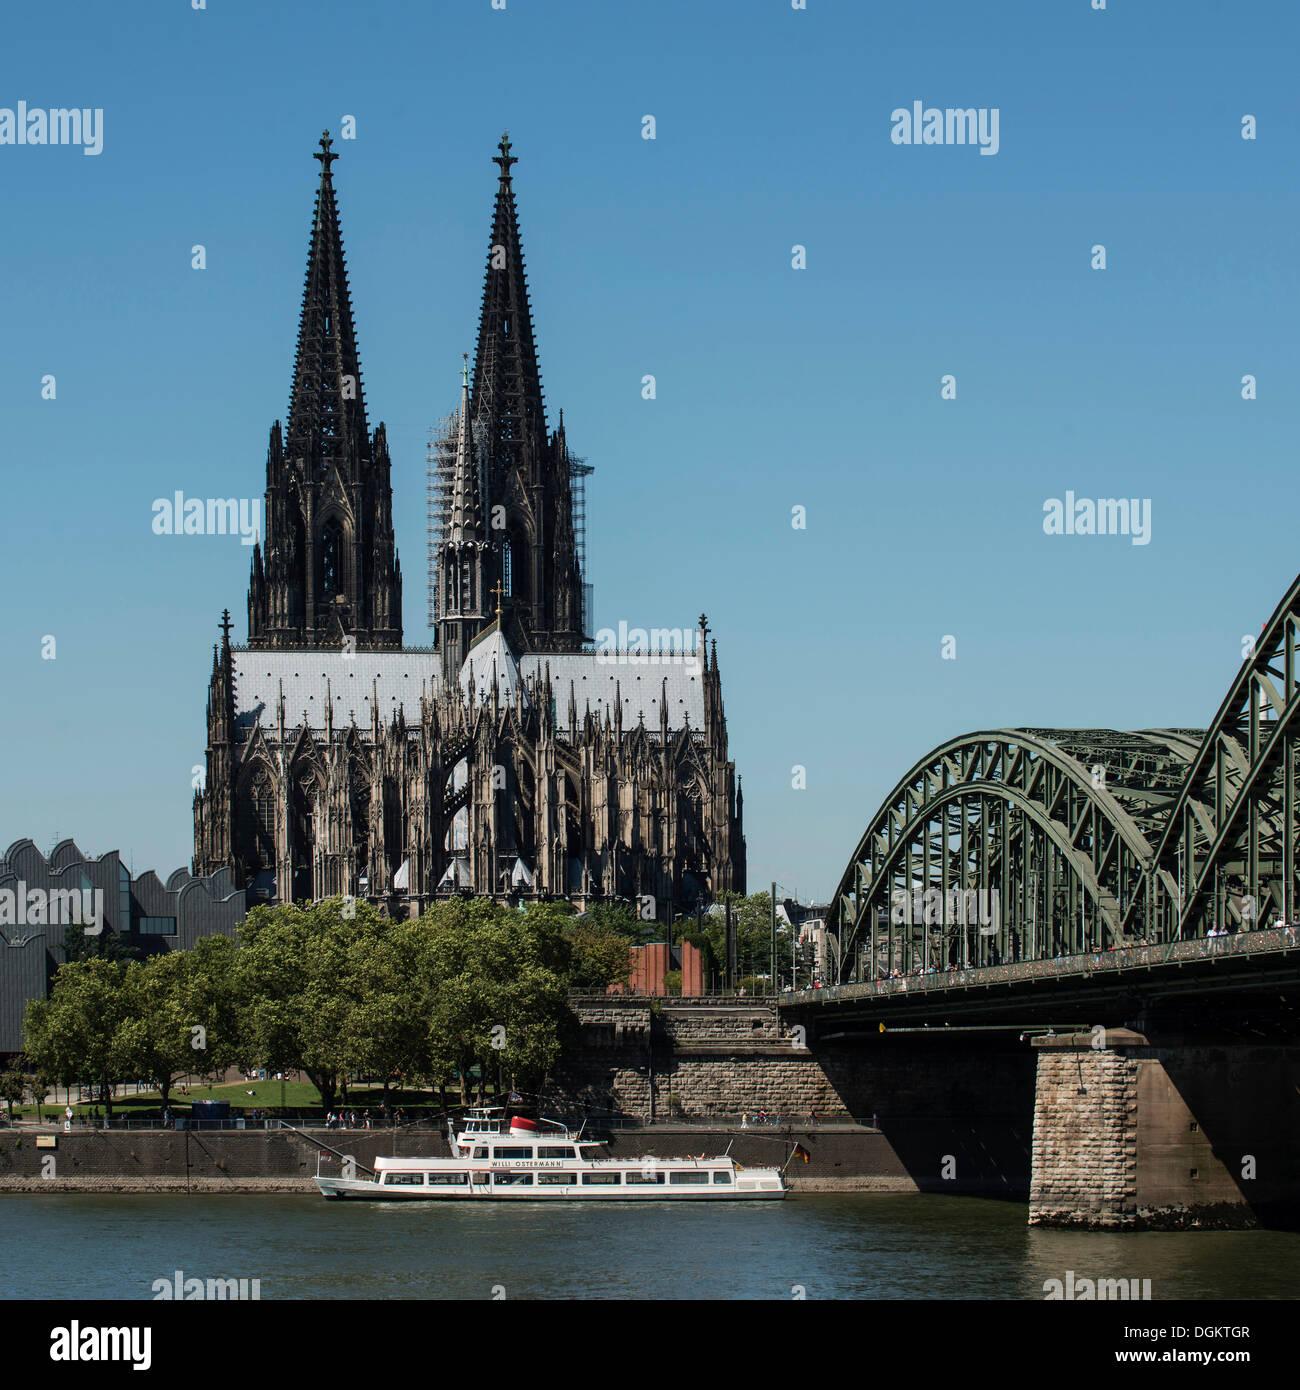 Ansicht von Deutz über den Rhein, Hohenzollernbruecke Brücke, Willi Ostermann Ausflugsschiff im Vordergrund aus gesehen Stockbild